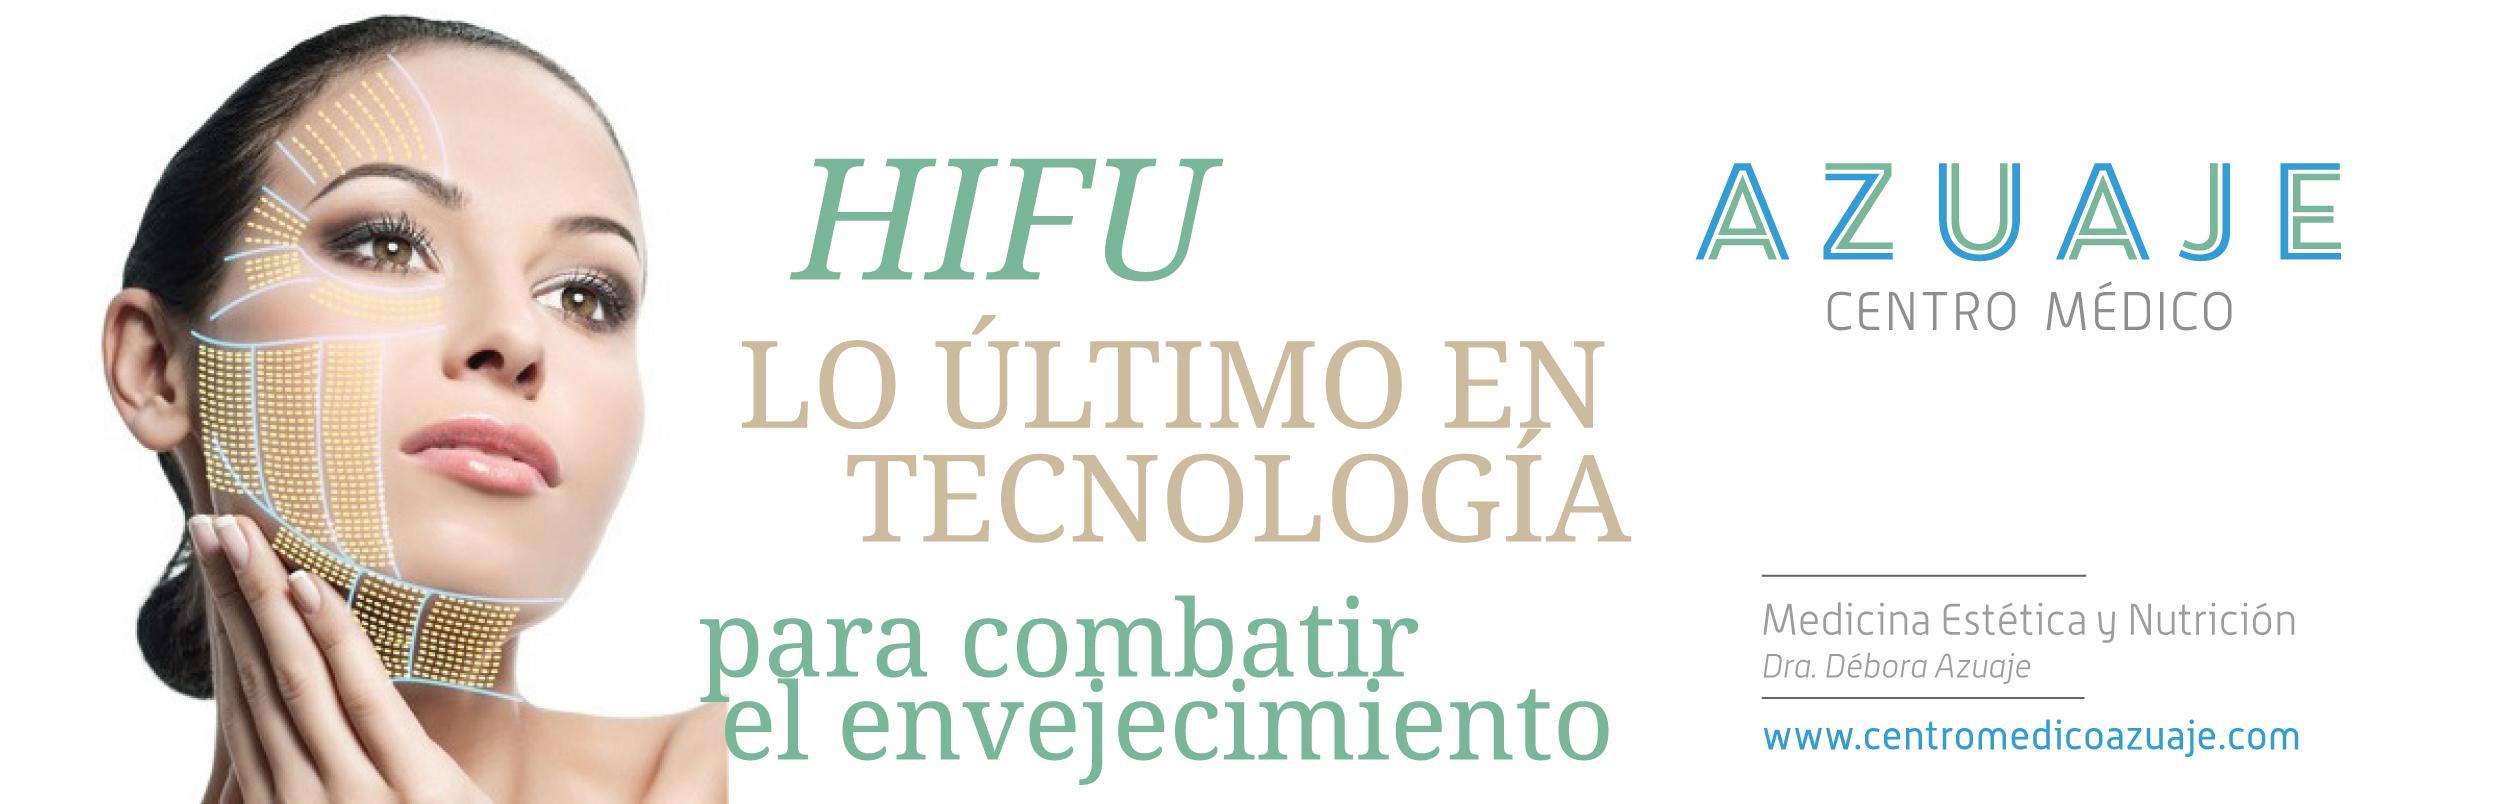 Tratamiento Hifu Facial